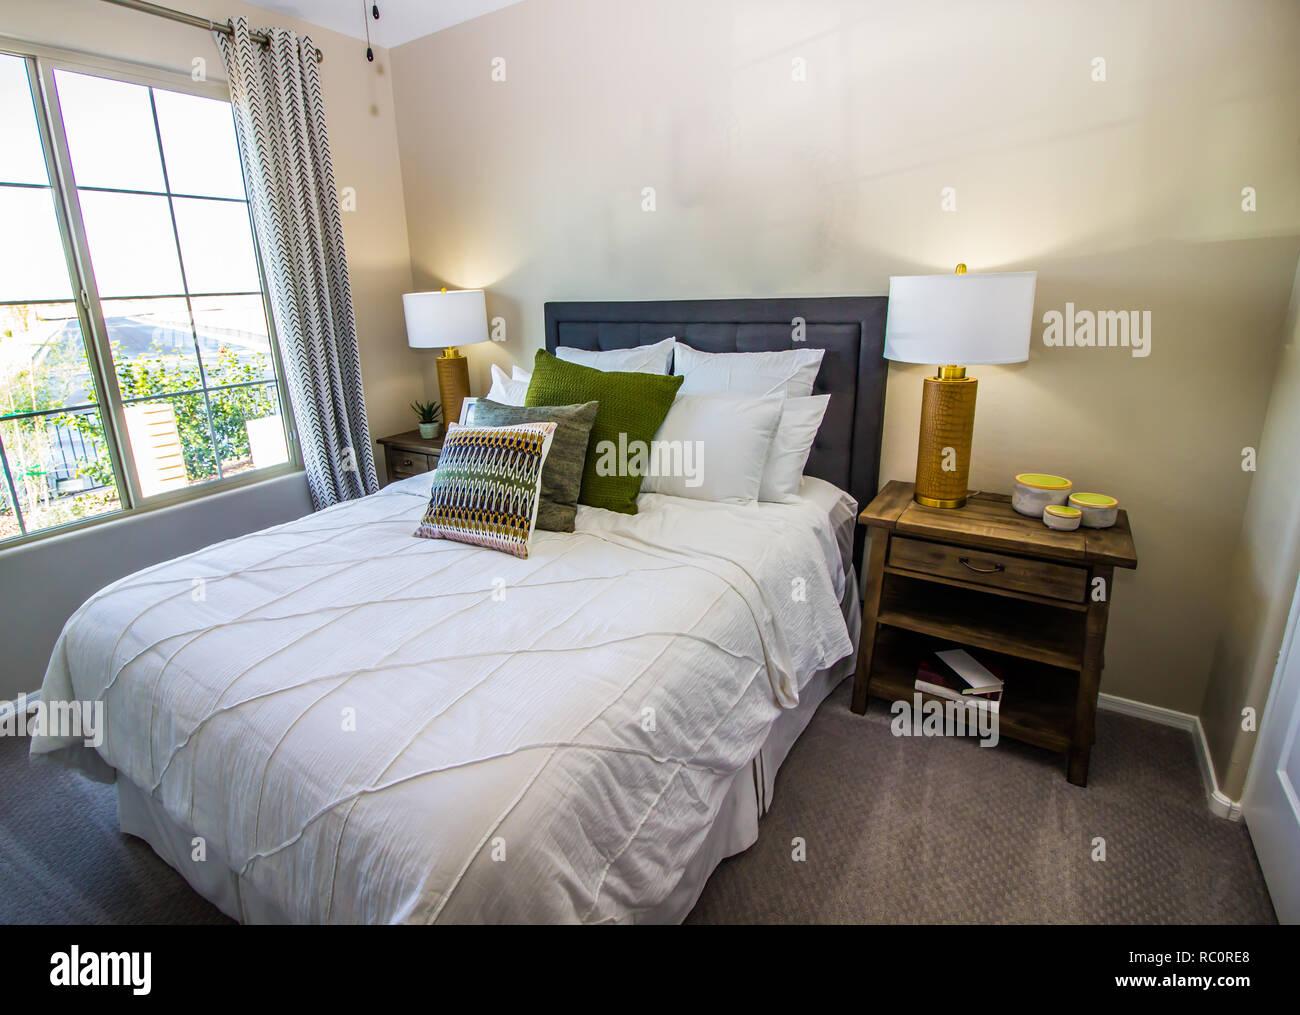 Moderne Schlafzimmer Mit Bett Lampen Und Holz Nachttische Stockfotografie Alamy